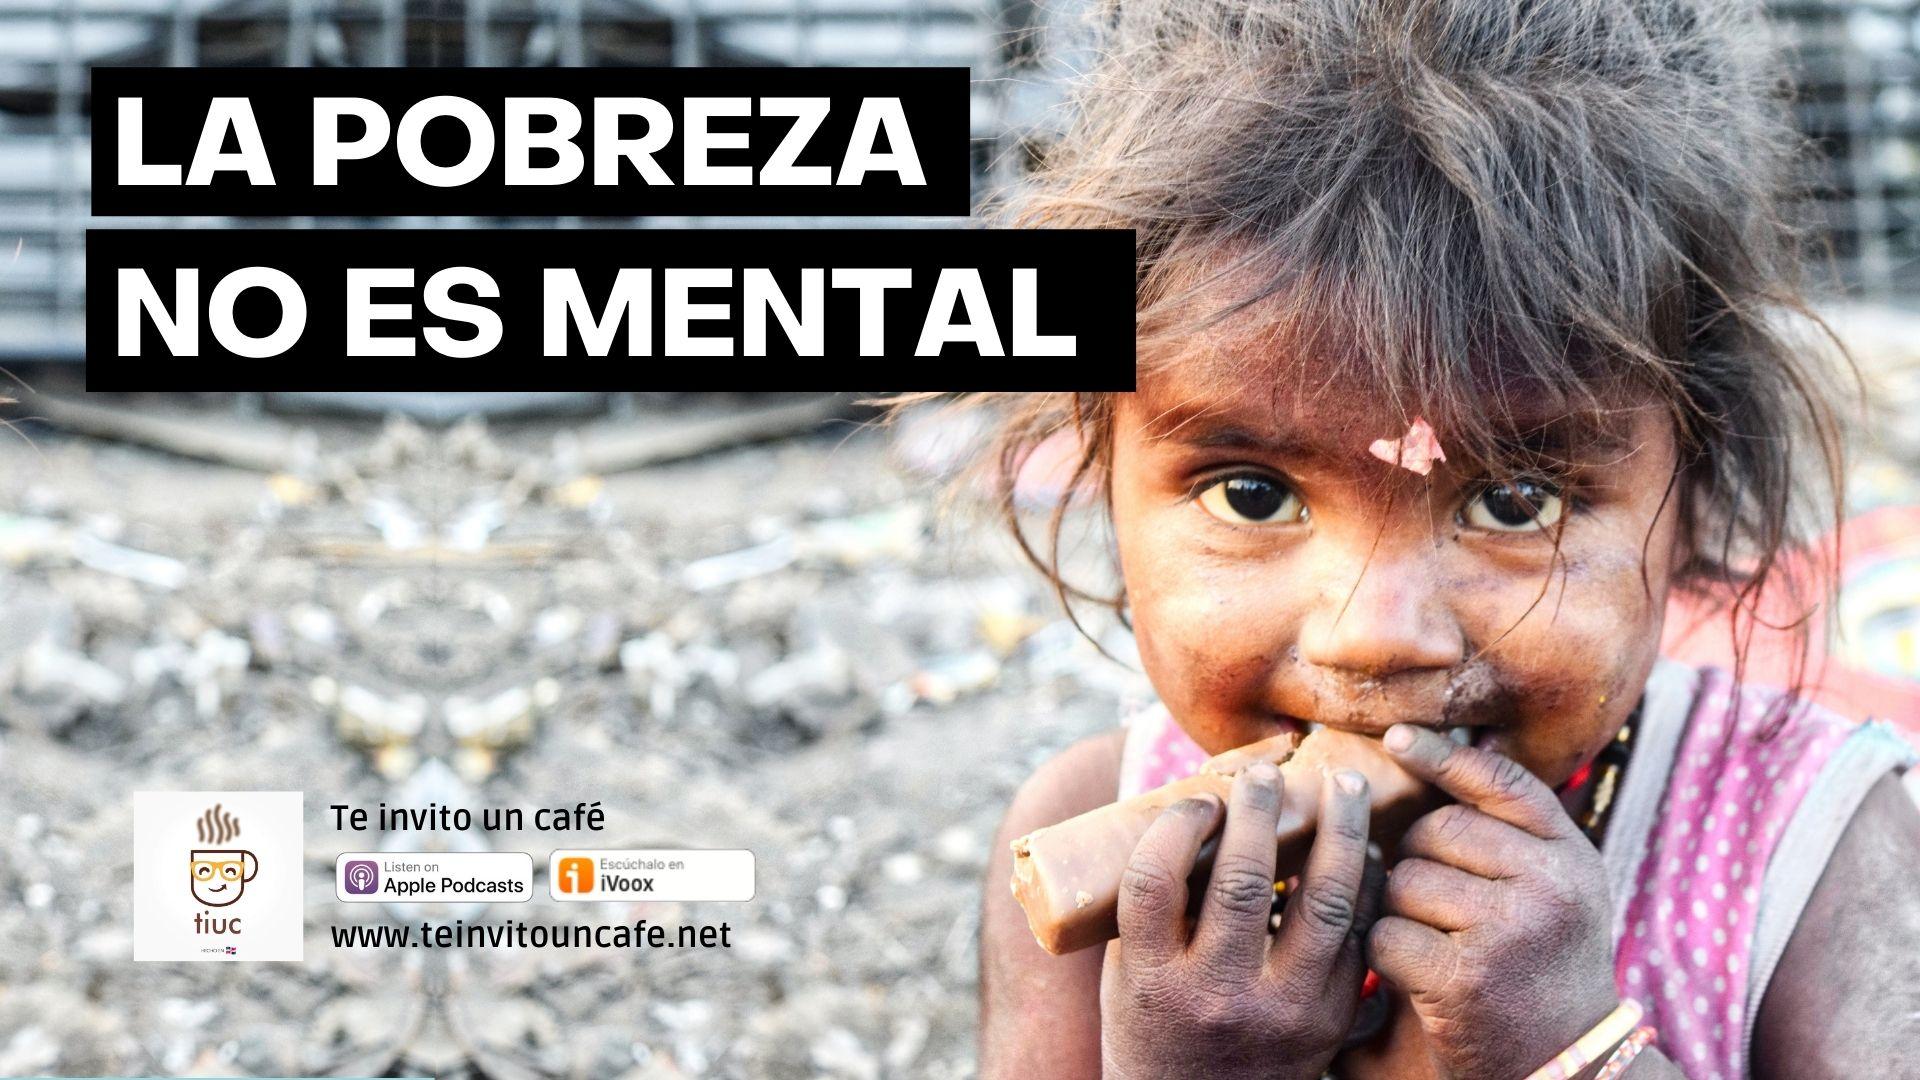 No, la pobreza no es un estado mental